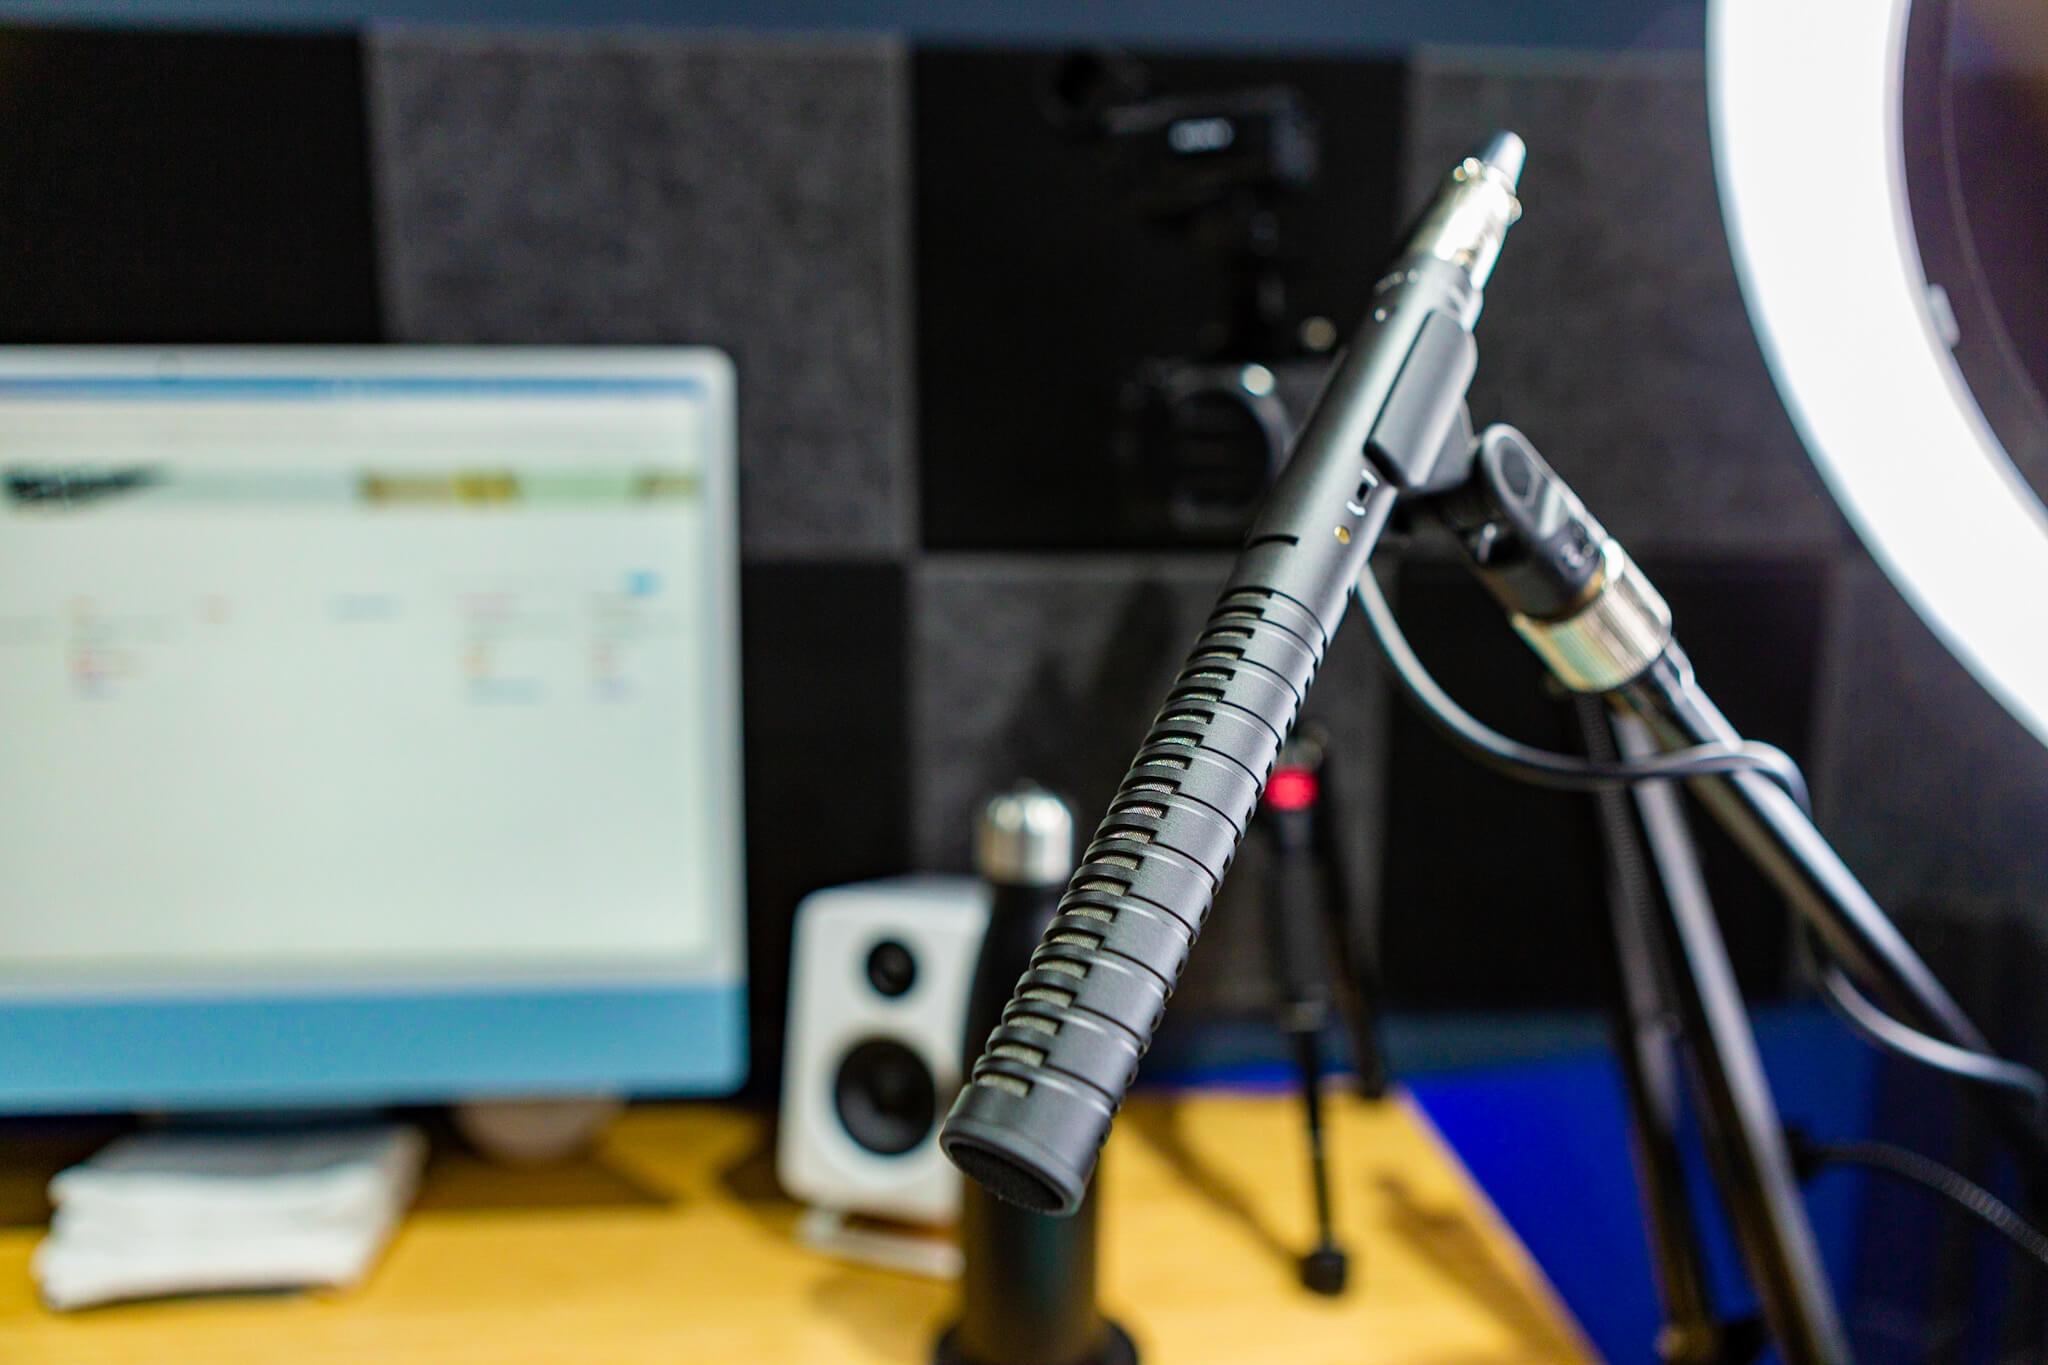 Rode NTG1 shotgun mic